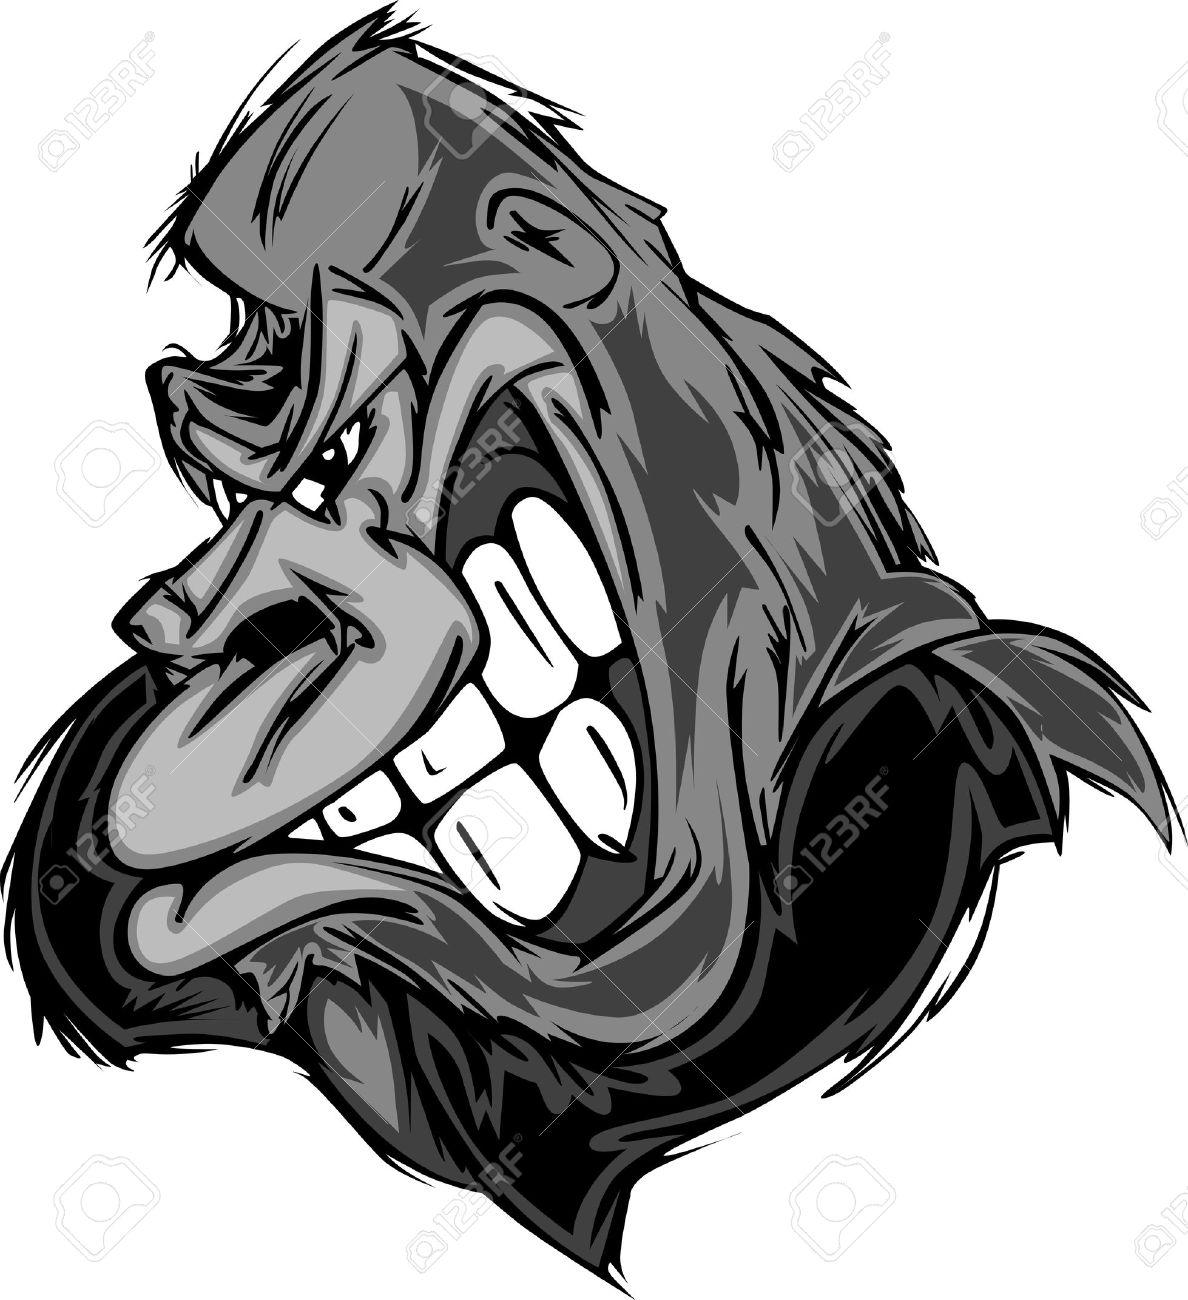 Happy Cartoon Gorilla Face Gorilla or Ape Mascot Cartoon